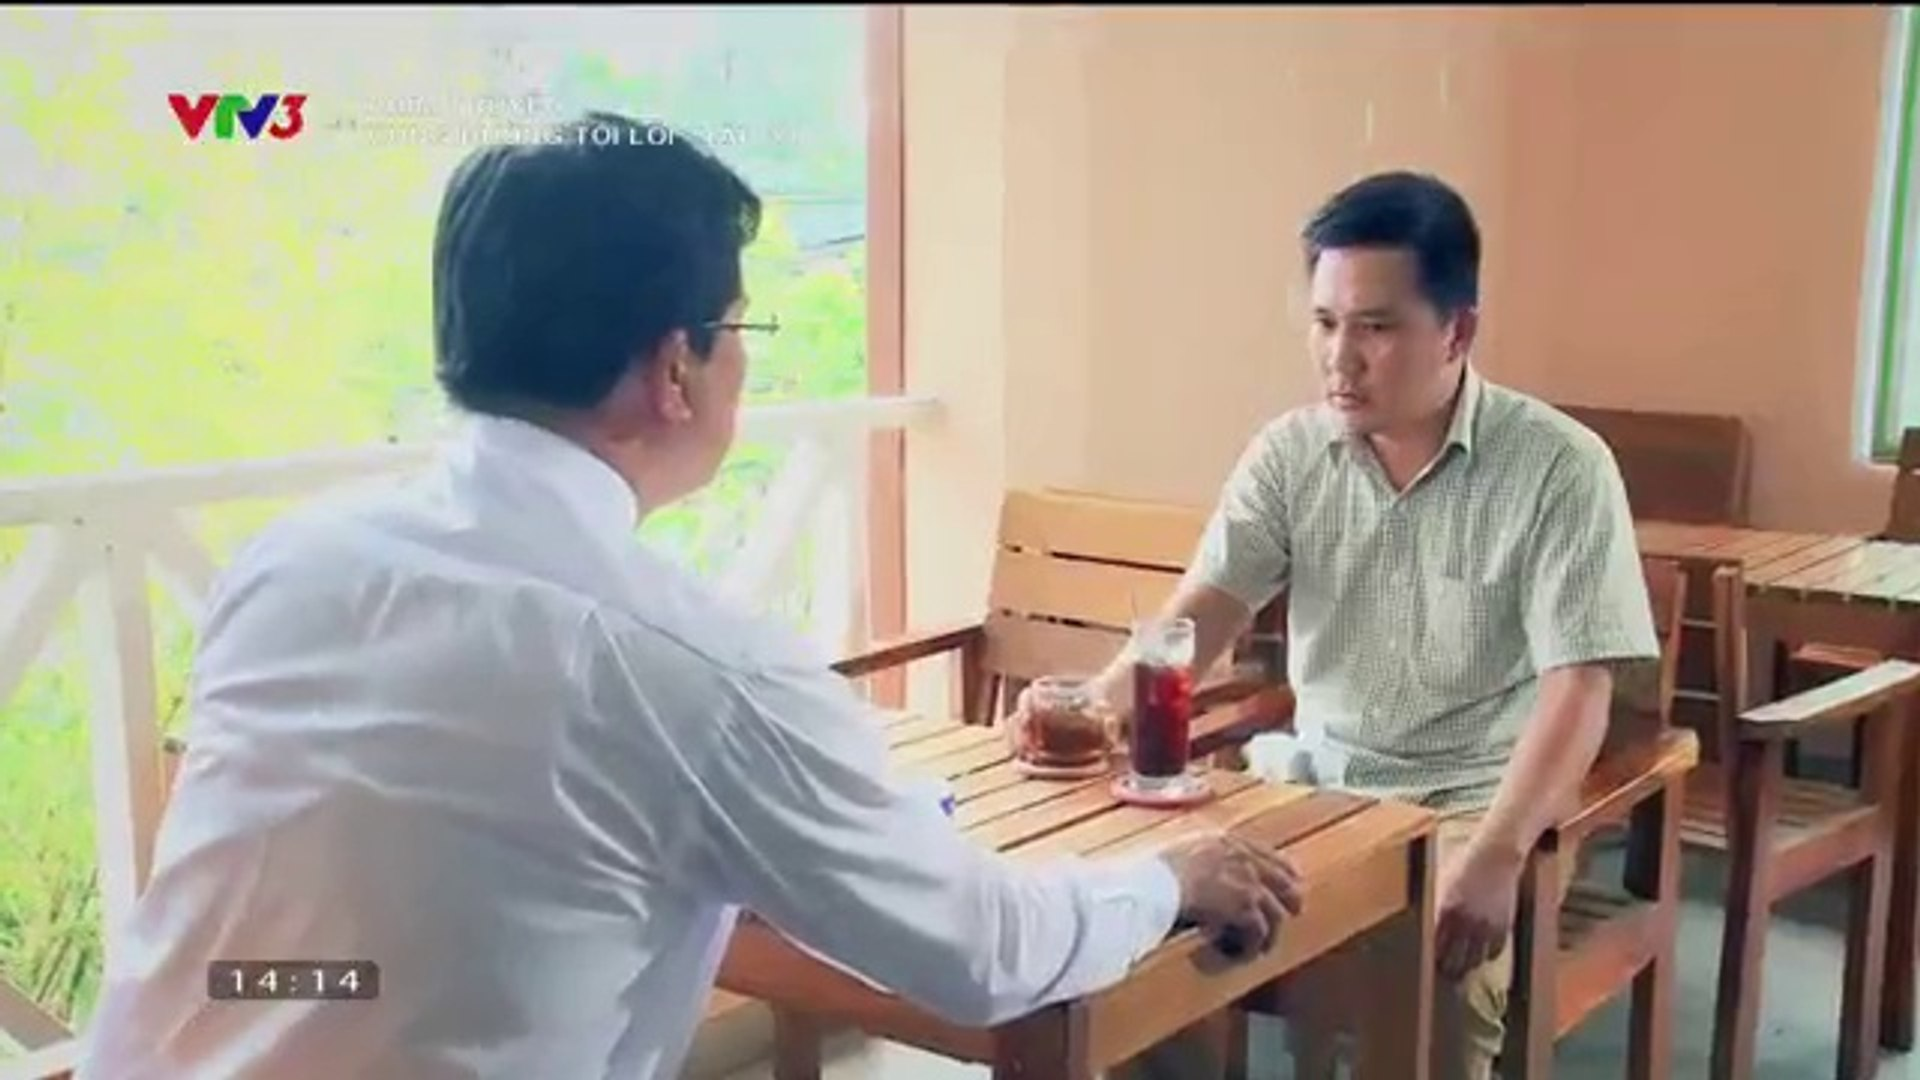 Cung Đường Tội Lỗi Tập 35 - (Bản Chuẩn Full - Phim Việt Nam VTV3) - Ngày 24/11/2018 - Cung Duong Toi